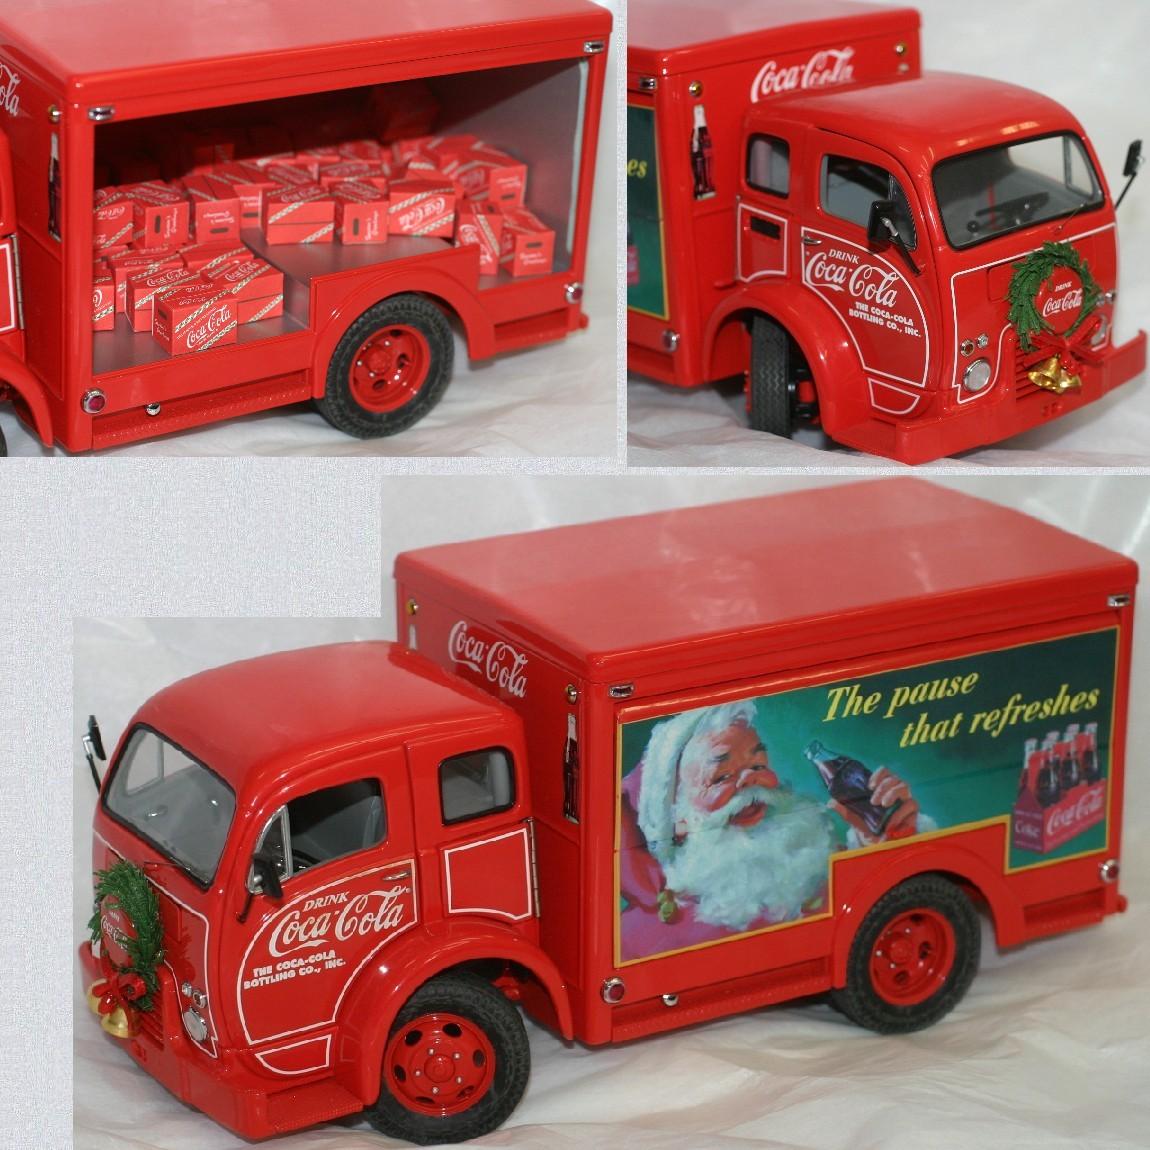 【中古】飾っていましたCoca-Colaコカコーラクリスマスバージョンのデリバリートラック沢山のフィギュアが入っていますサンタの絵柄